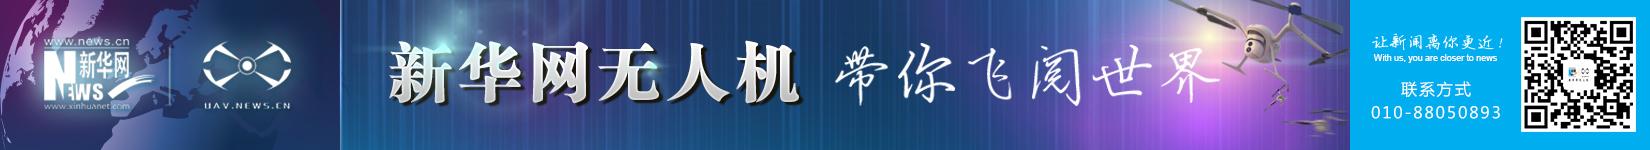 """四川绵阳安州:从""""旅游扶贫""""到""""旅游富民"""""""